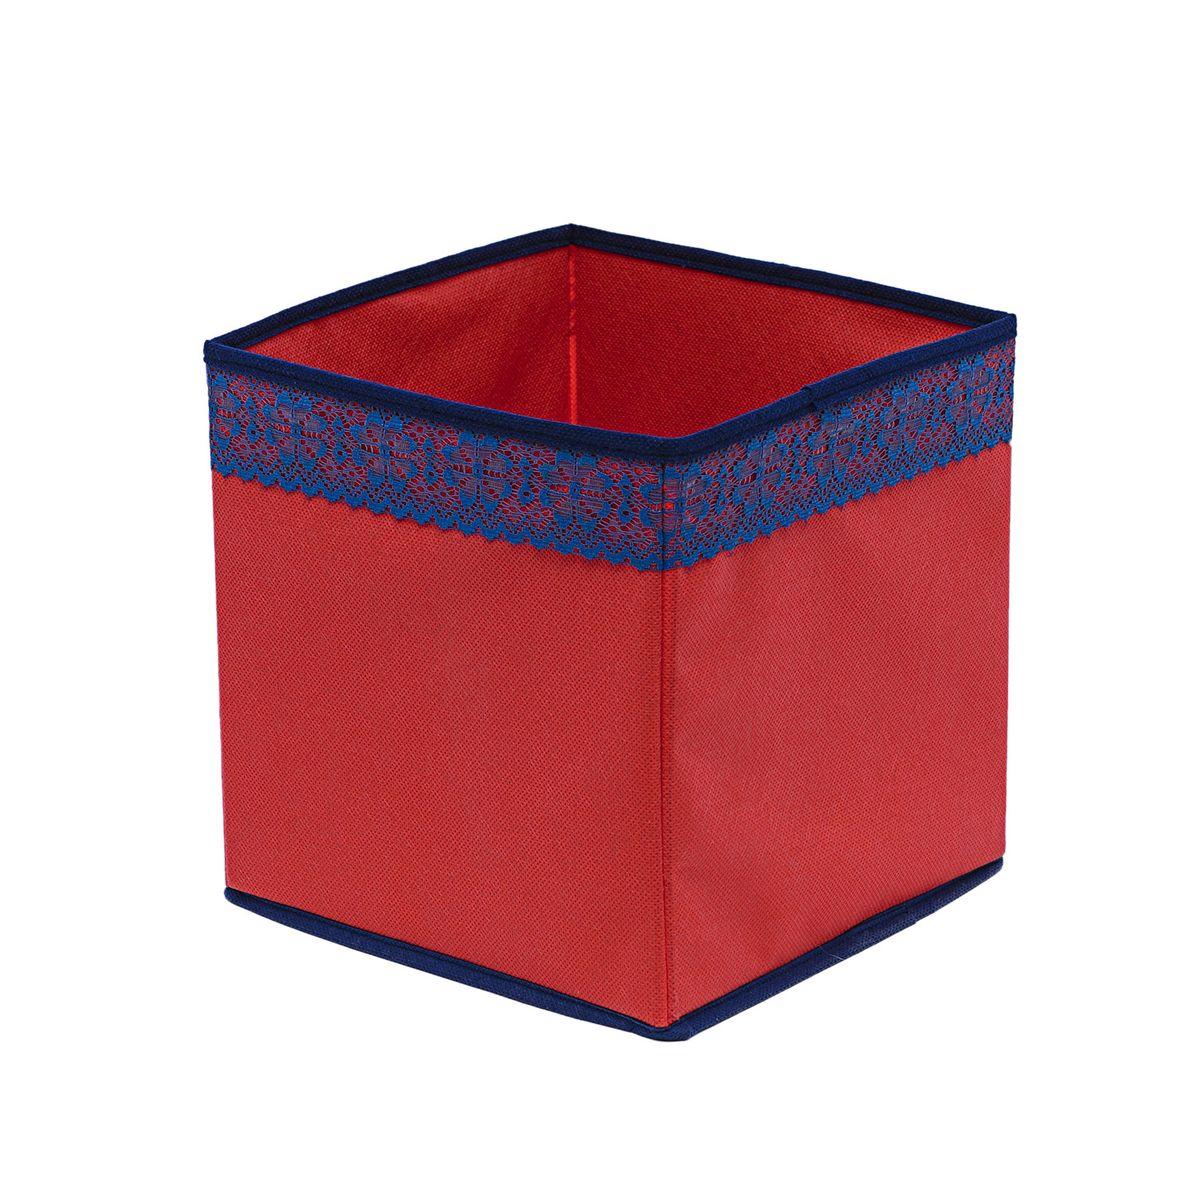 Кофр для хранения Homsu Rosso, 22 х 22 х 22 смHOM-326Кофр для хранения Homsu Rosso изготовлен из высококачественного нетканого полотна и декорирован вставкой из кружева. Кофр имеет одно большое отделение, где вы можете хранить различные бытовые вещи, нижнее белье, одежду и многое другое. Вставки из картона обеспечивают прочность конструкции. Стильный принт, модный цвет и качество исполнения сделают такой кофр незаменимым для хранения ваших вещей.